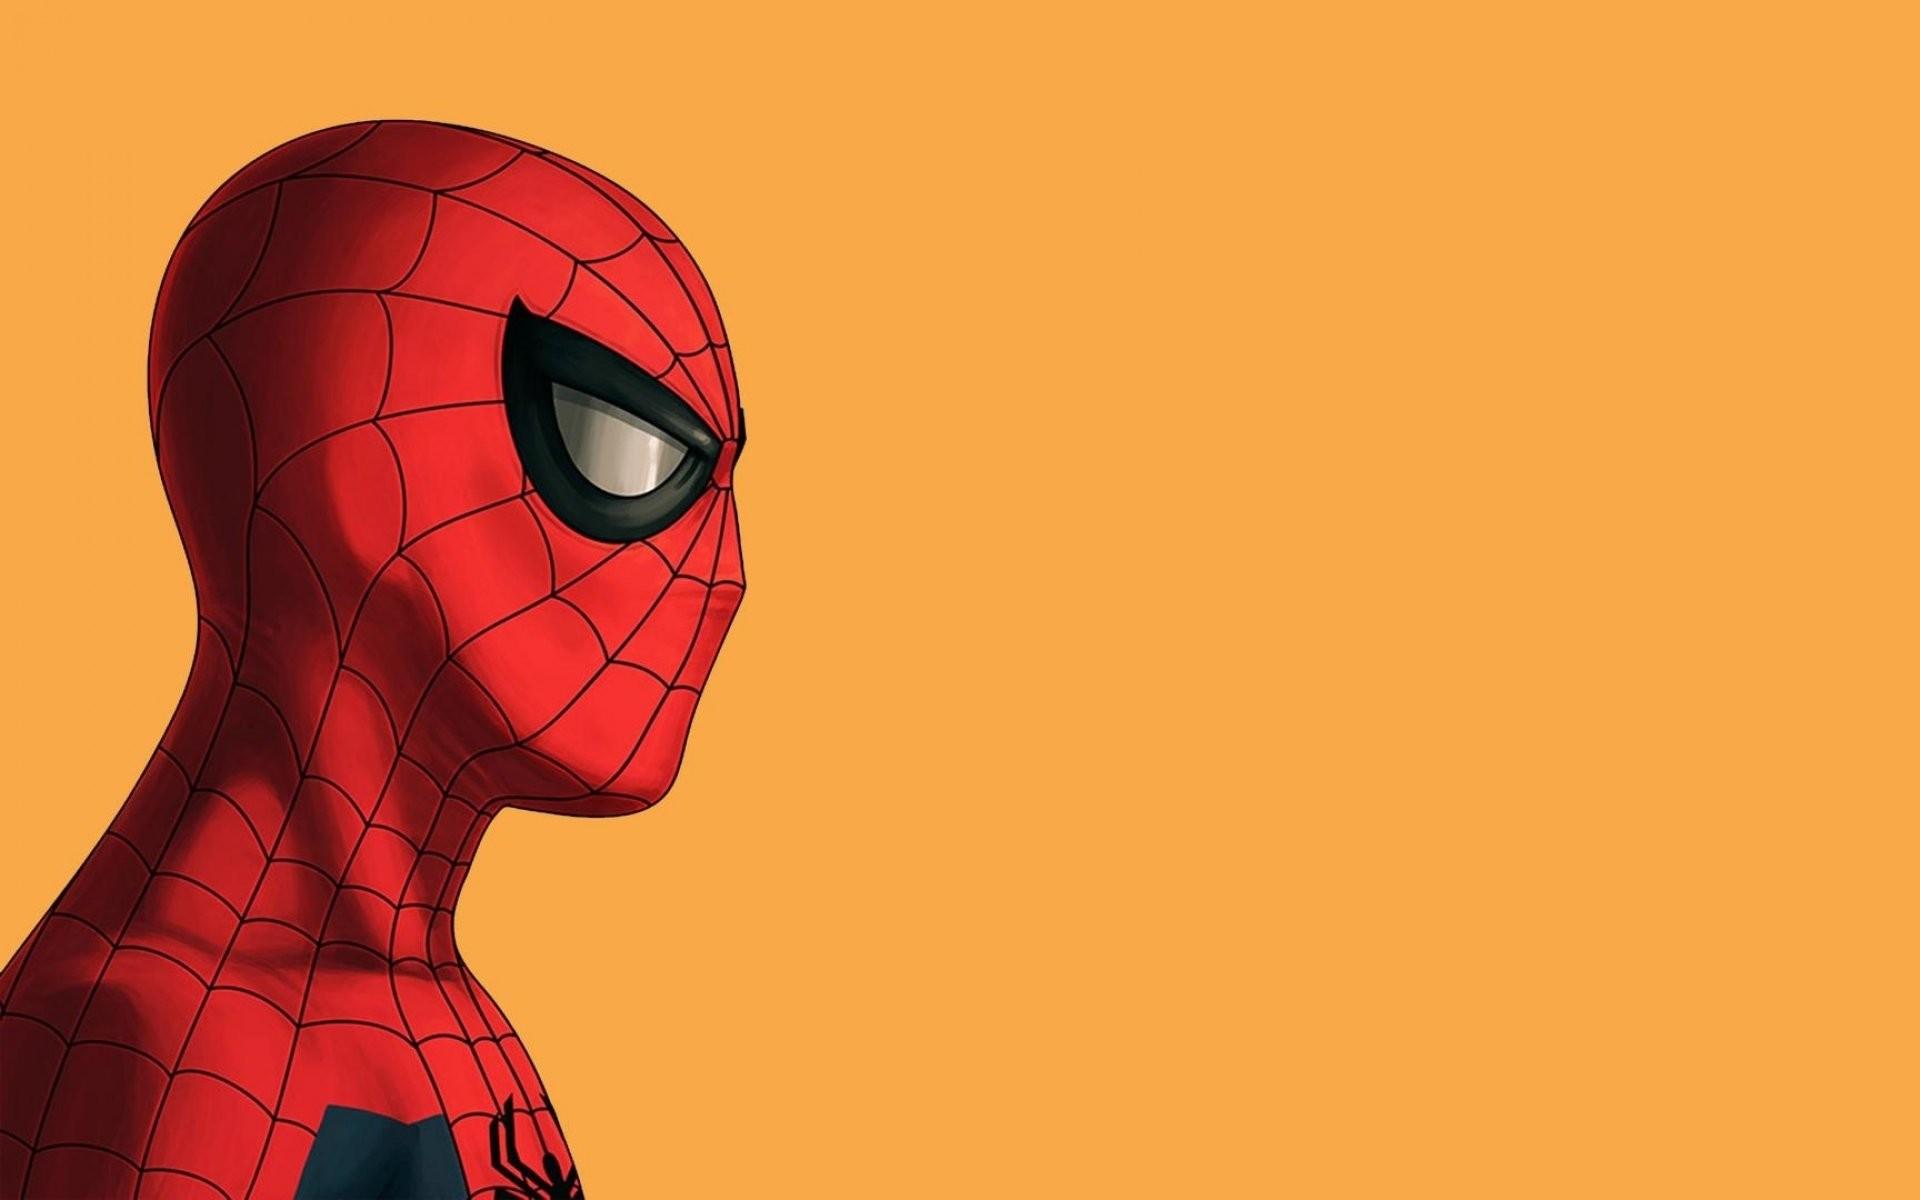 SPIDER-MAN superhero marvel spider man action spiderman wallpaper      749131   WallpaperUP